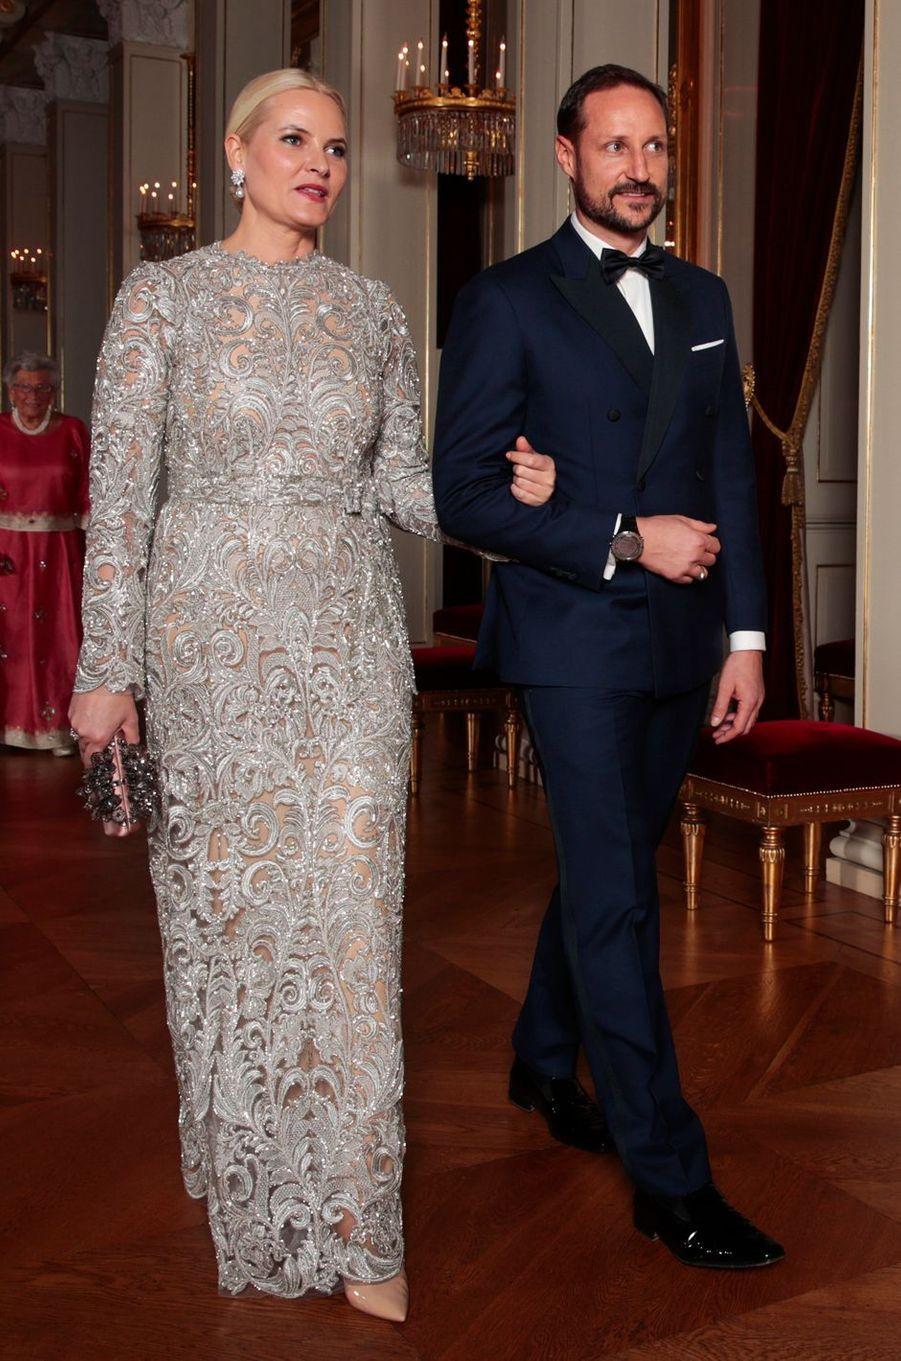 La princesse Mette-Marit de Norvège dans une robe Tina Steffenakk Hermansen (TSH), le 1er février 2018